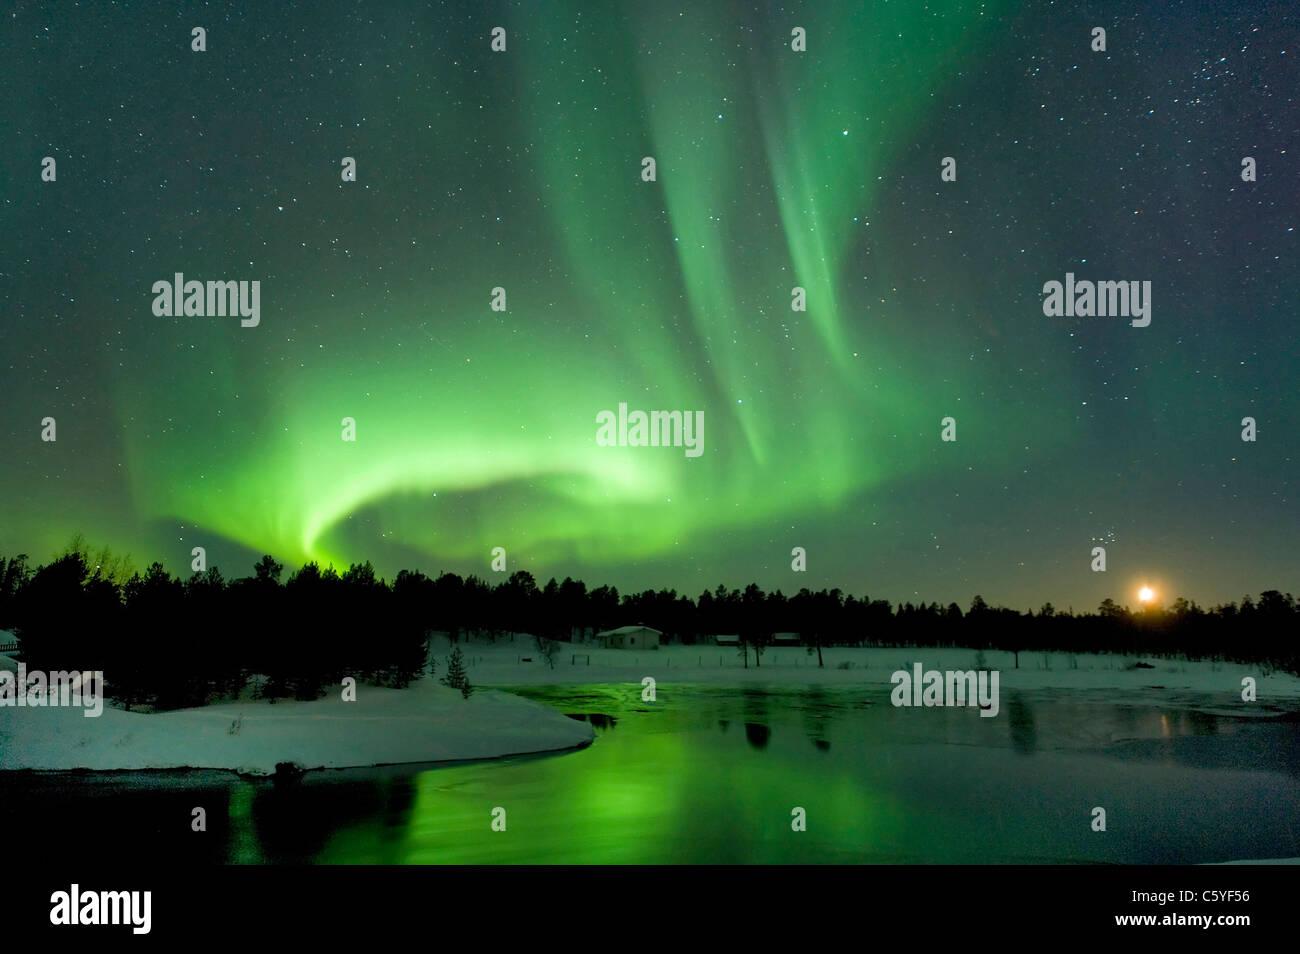 Nordlicht, auch Aurora Borealis bei Monduntergang in der Nähe von Inari. Lappland, Finnland. Stockbild